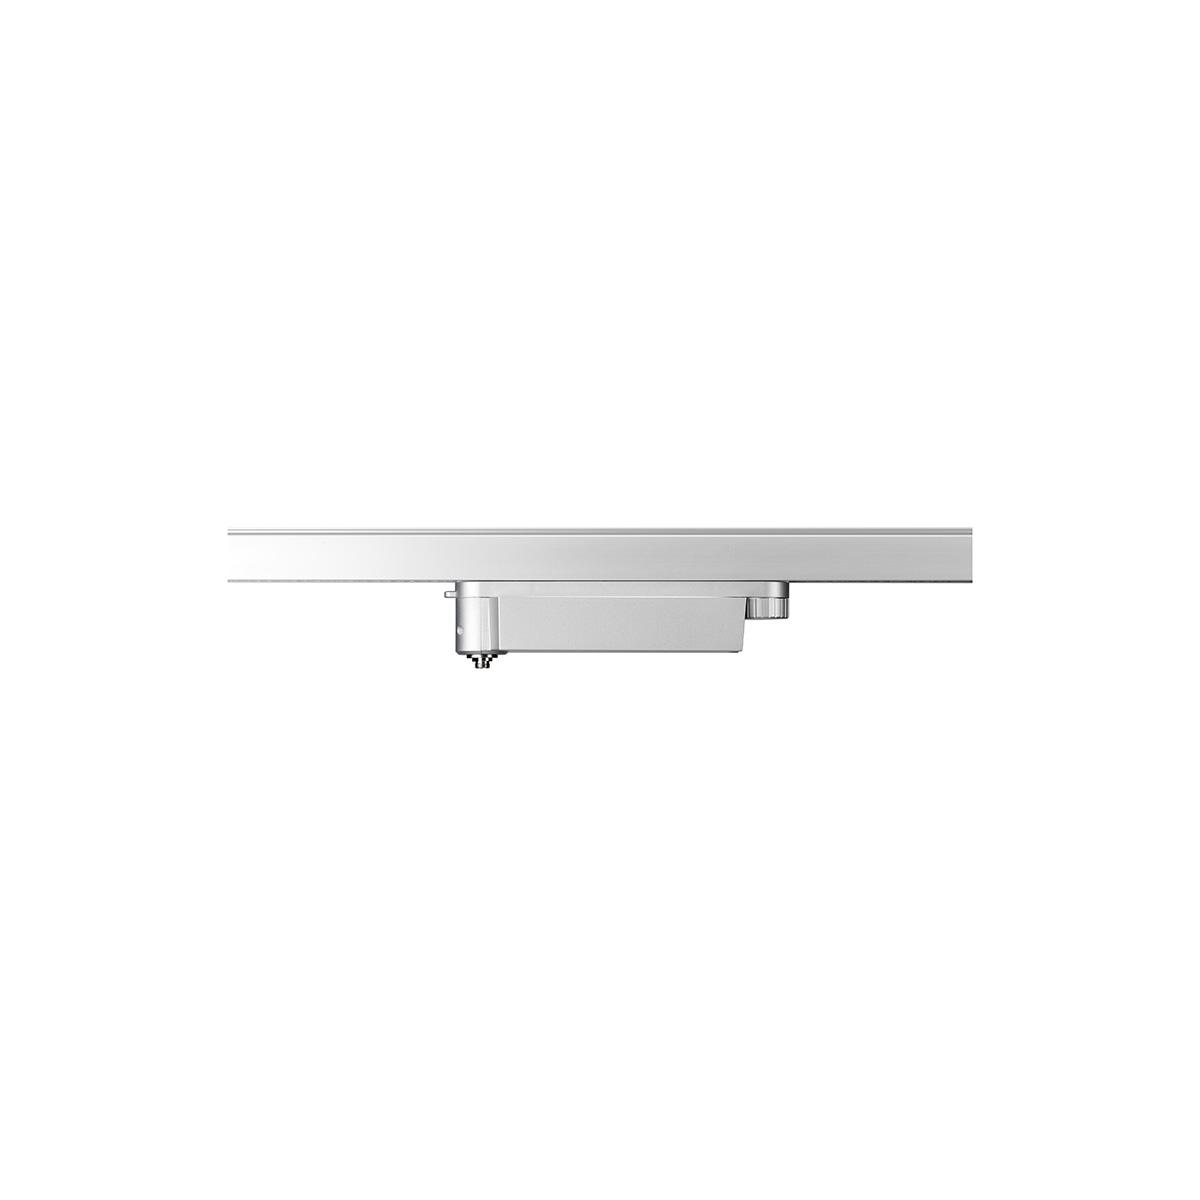 Oligo PHASE System PHASE-IN 24 V Systemadapter D33-624-10-06